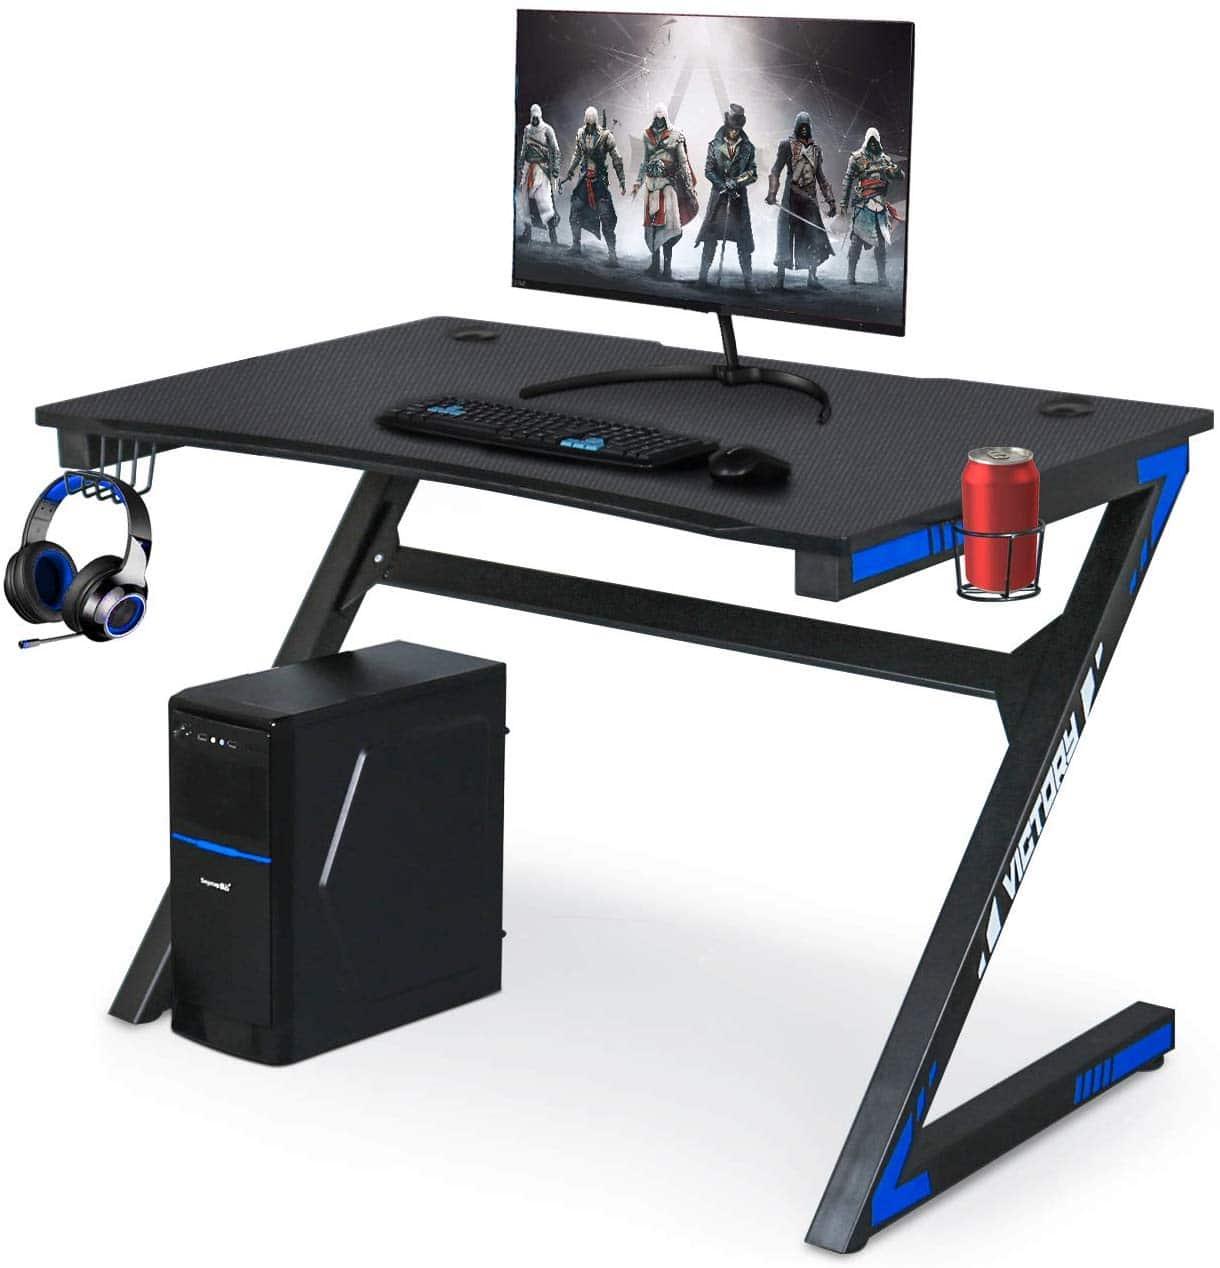 Yigobuy Carbon Fiber Gaming Desk